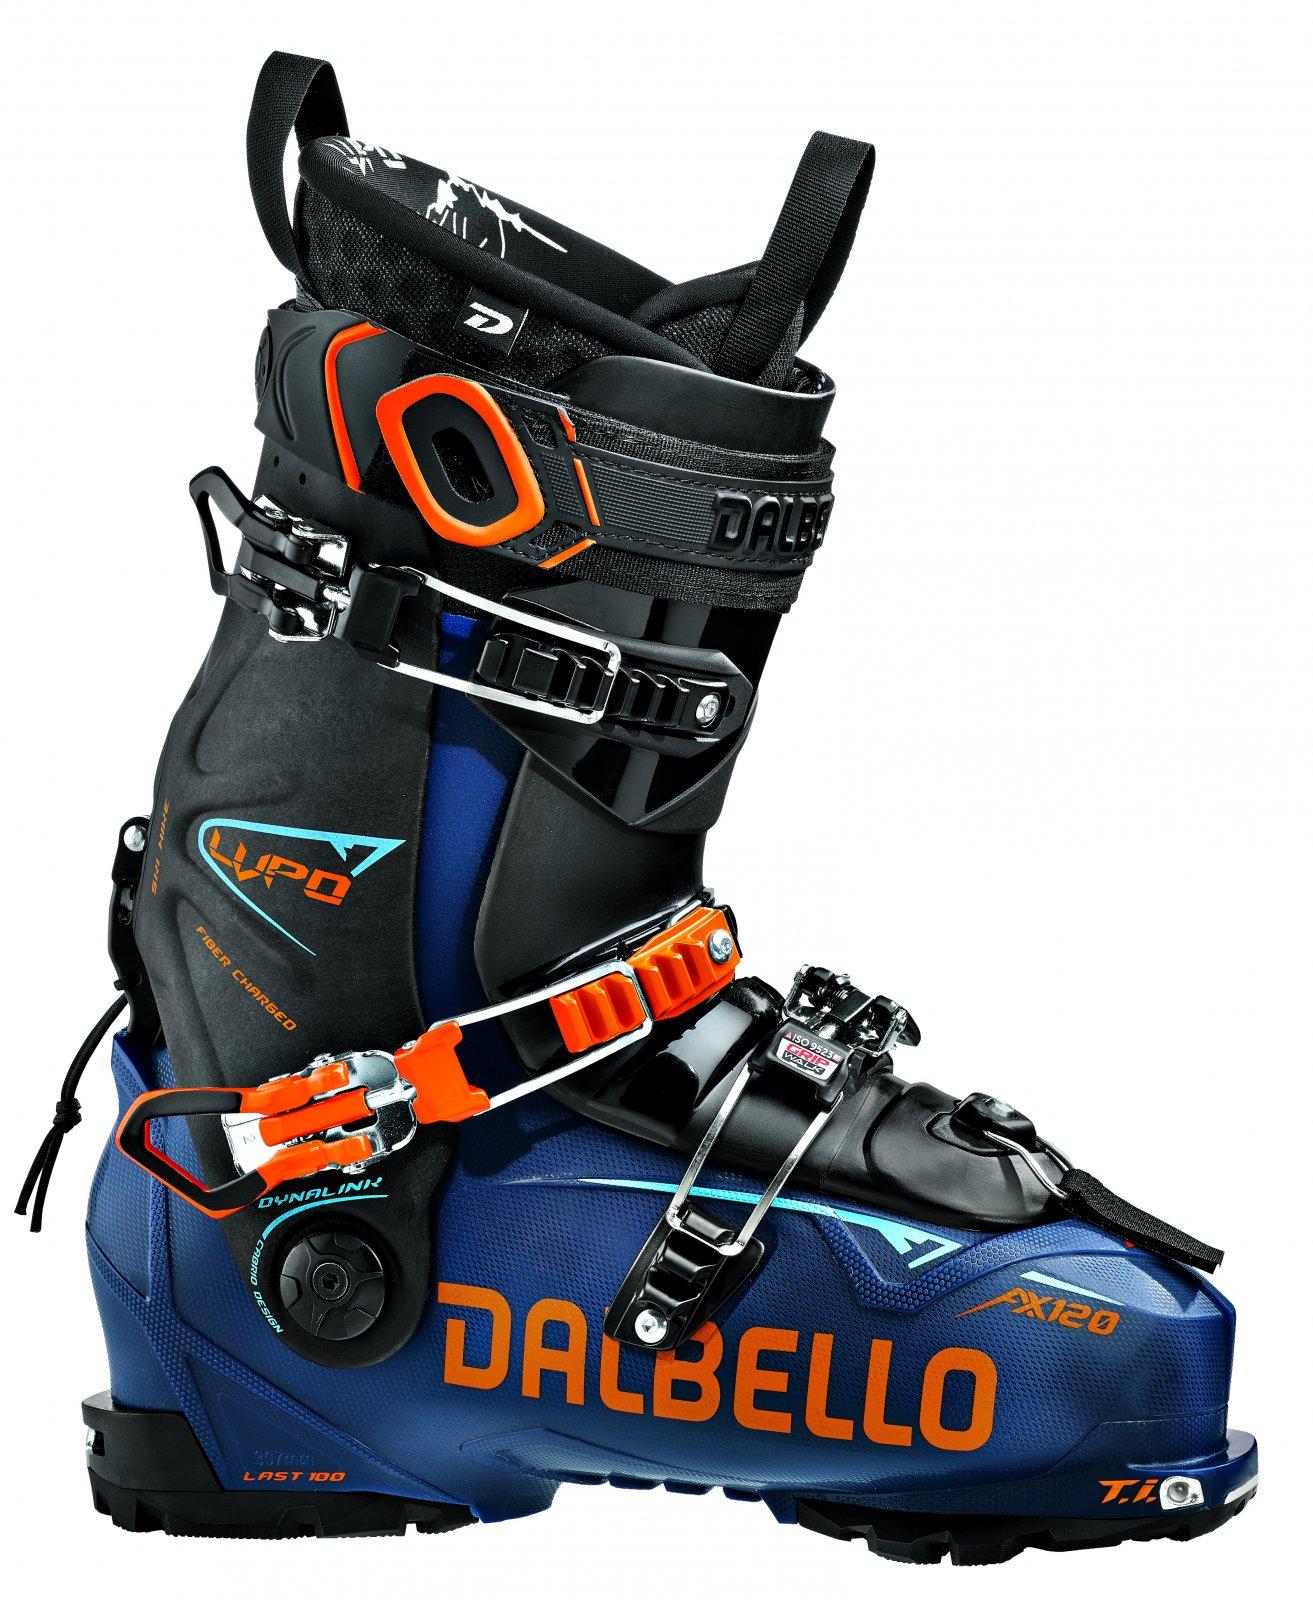 Dalbello Lupo AX 120 Ski Boots 2020